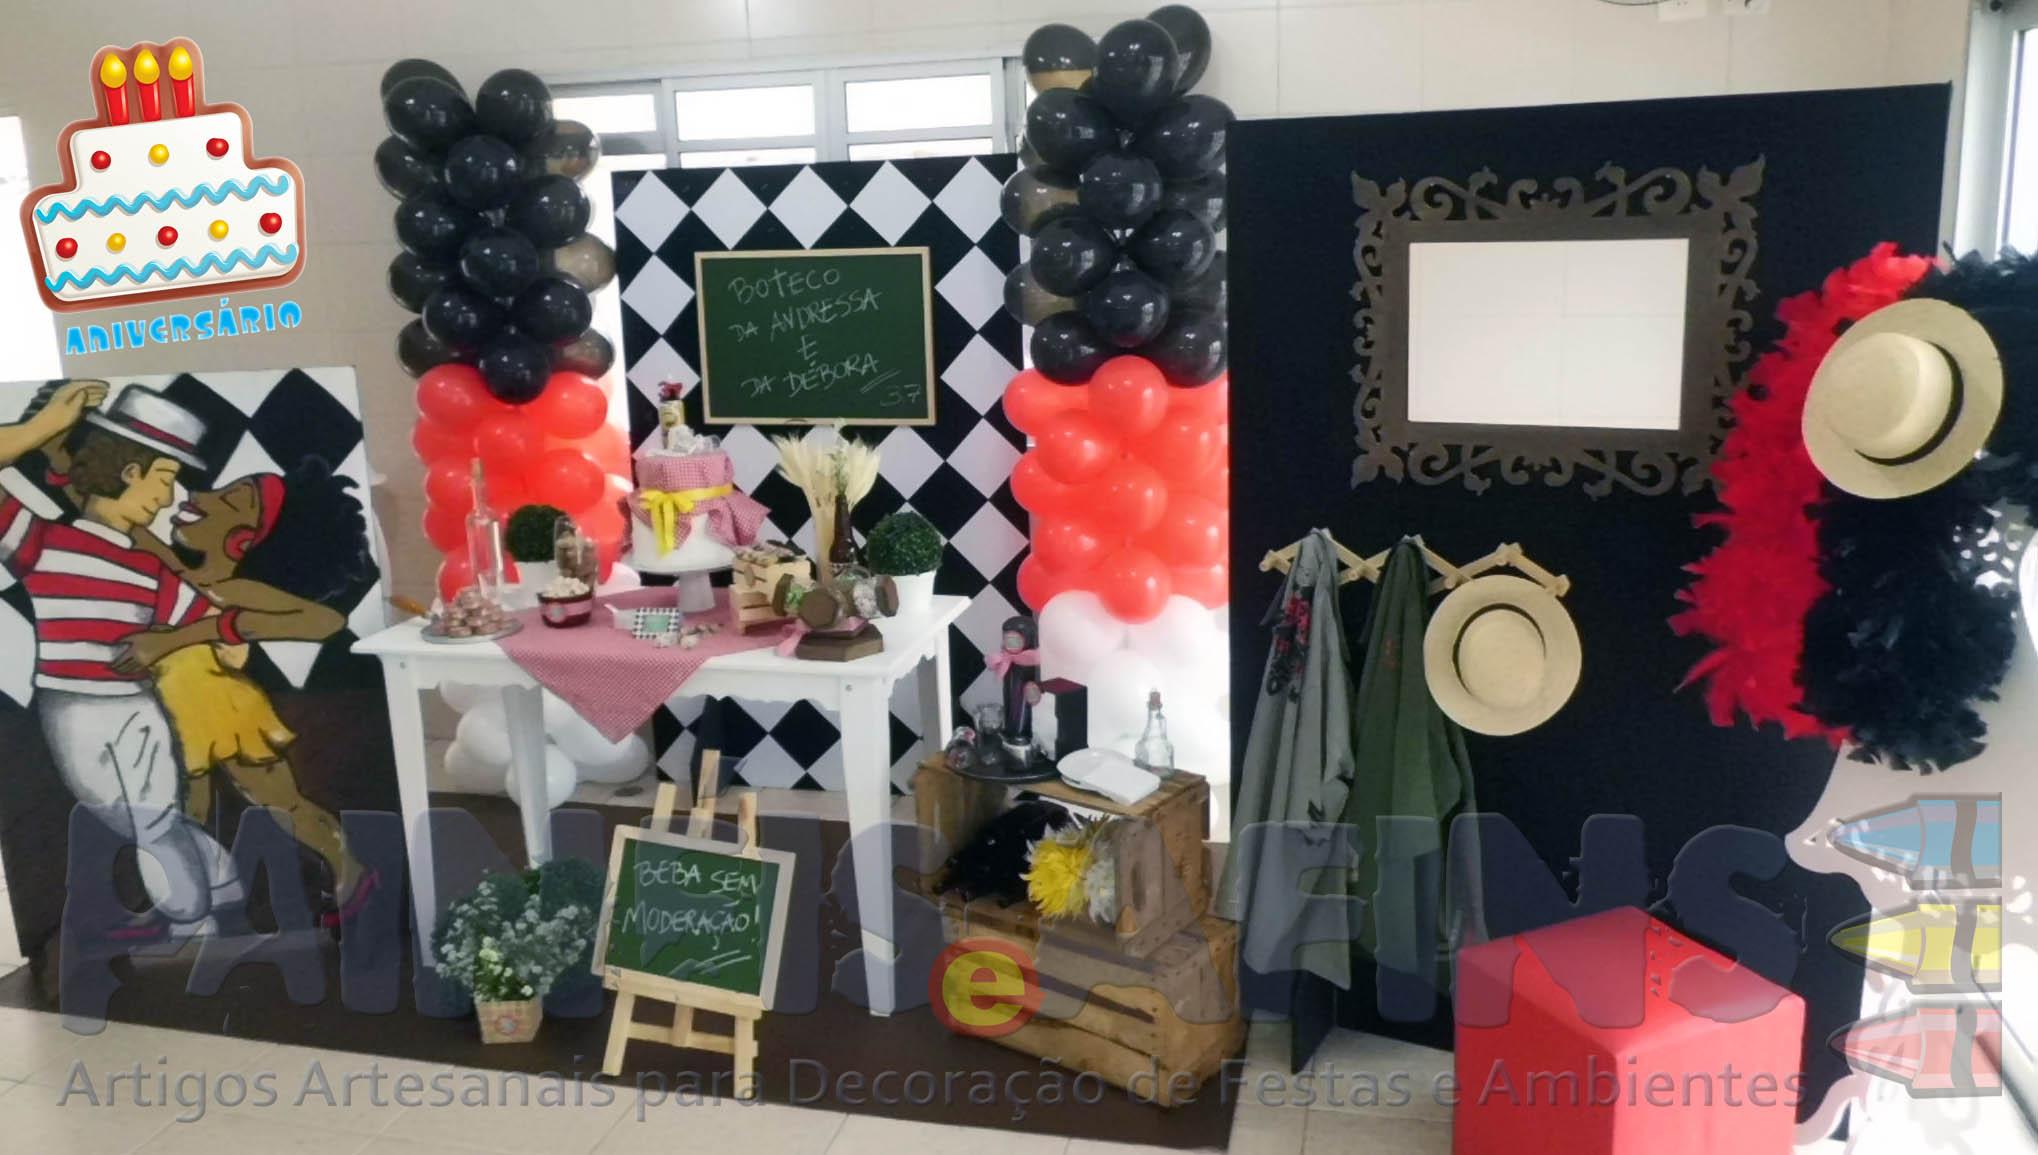 decoracao de mesa boteco : decoracao de mesa boteco: boteco decoracao samba festa boteco decoracao boteco festa boteco